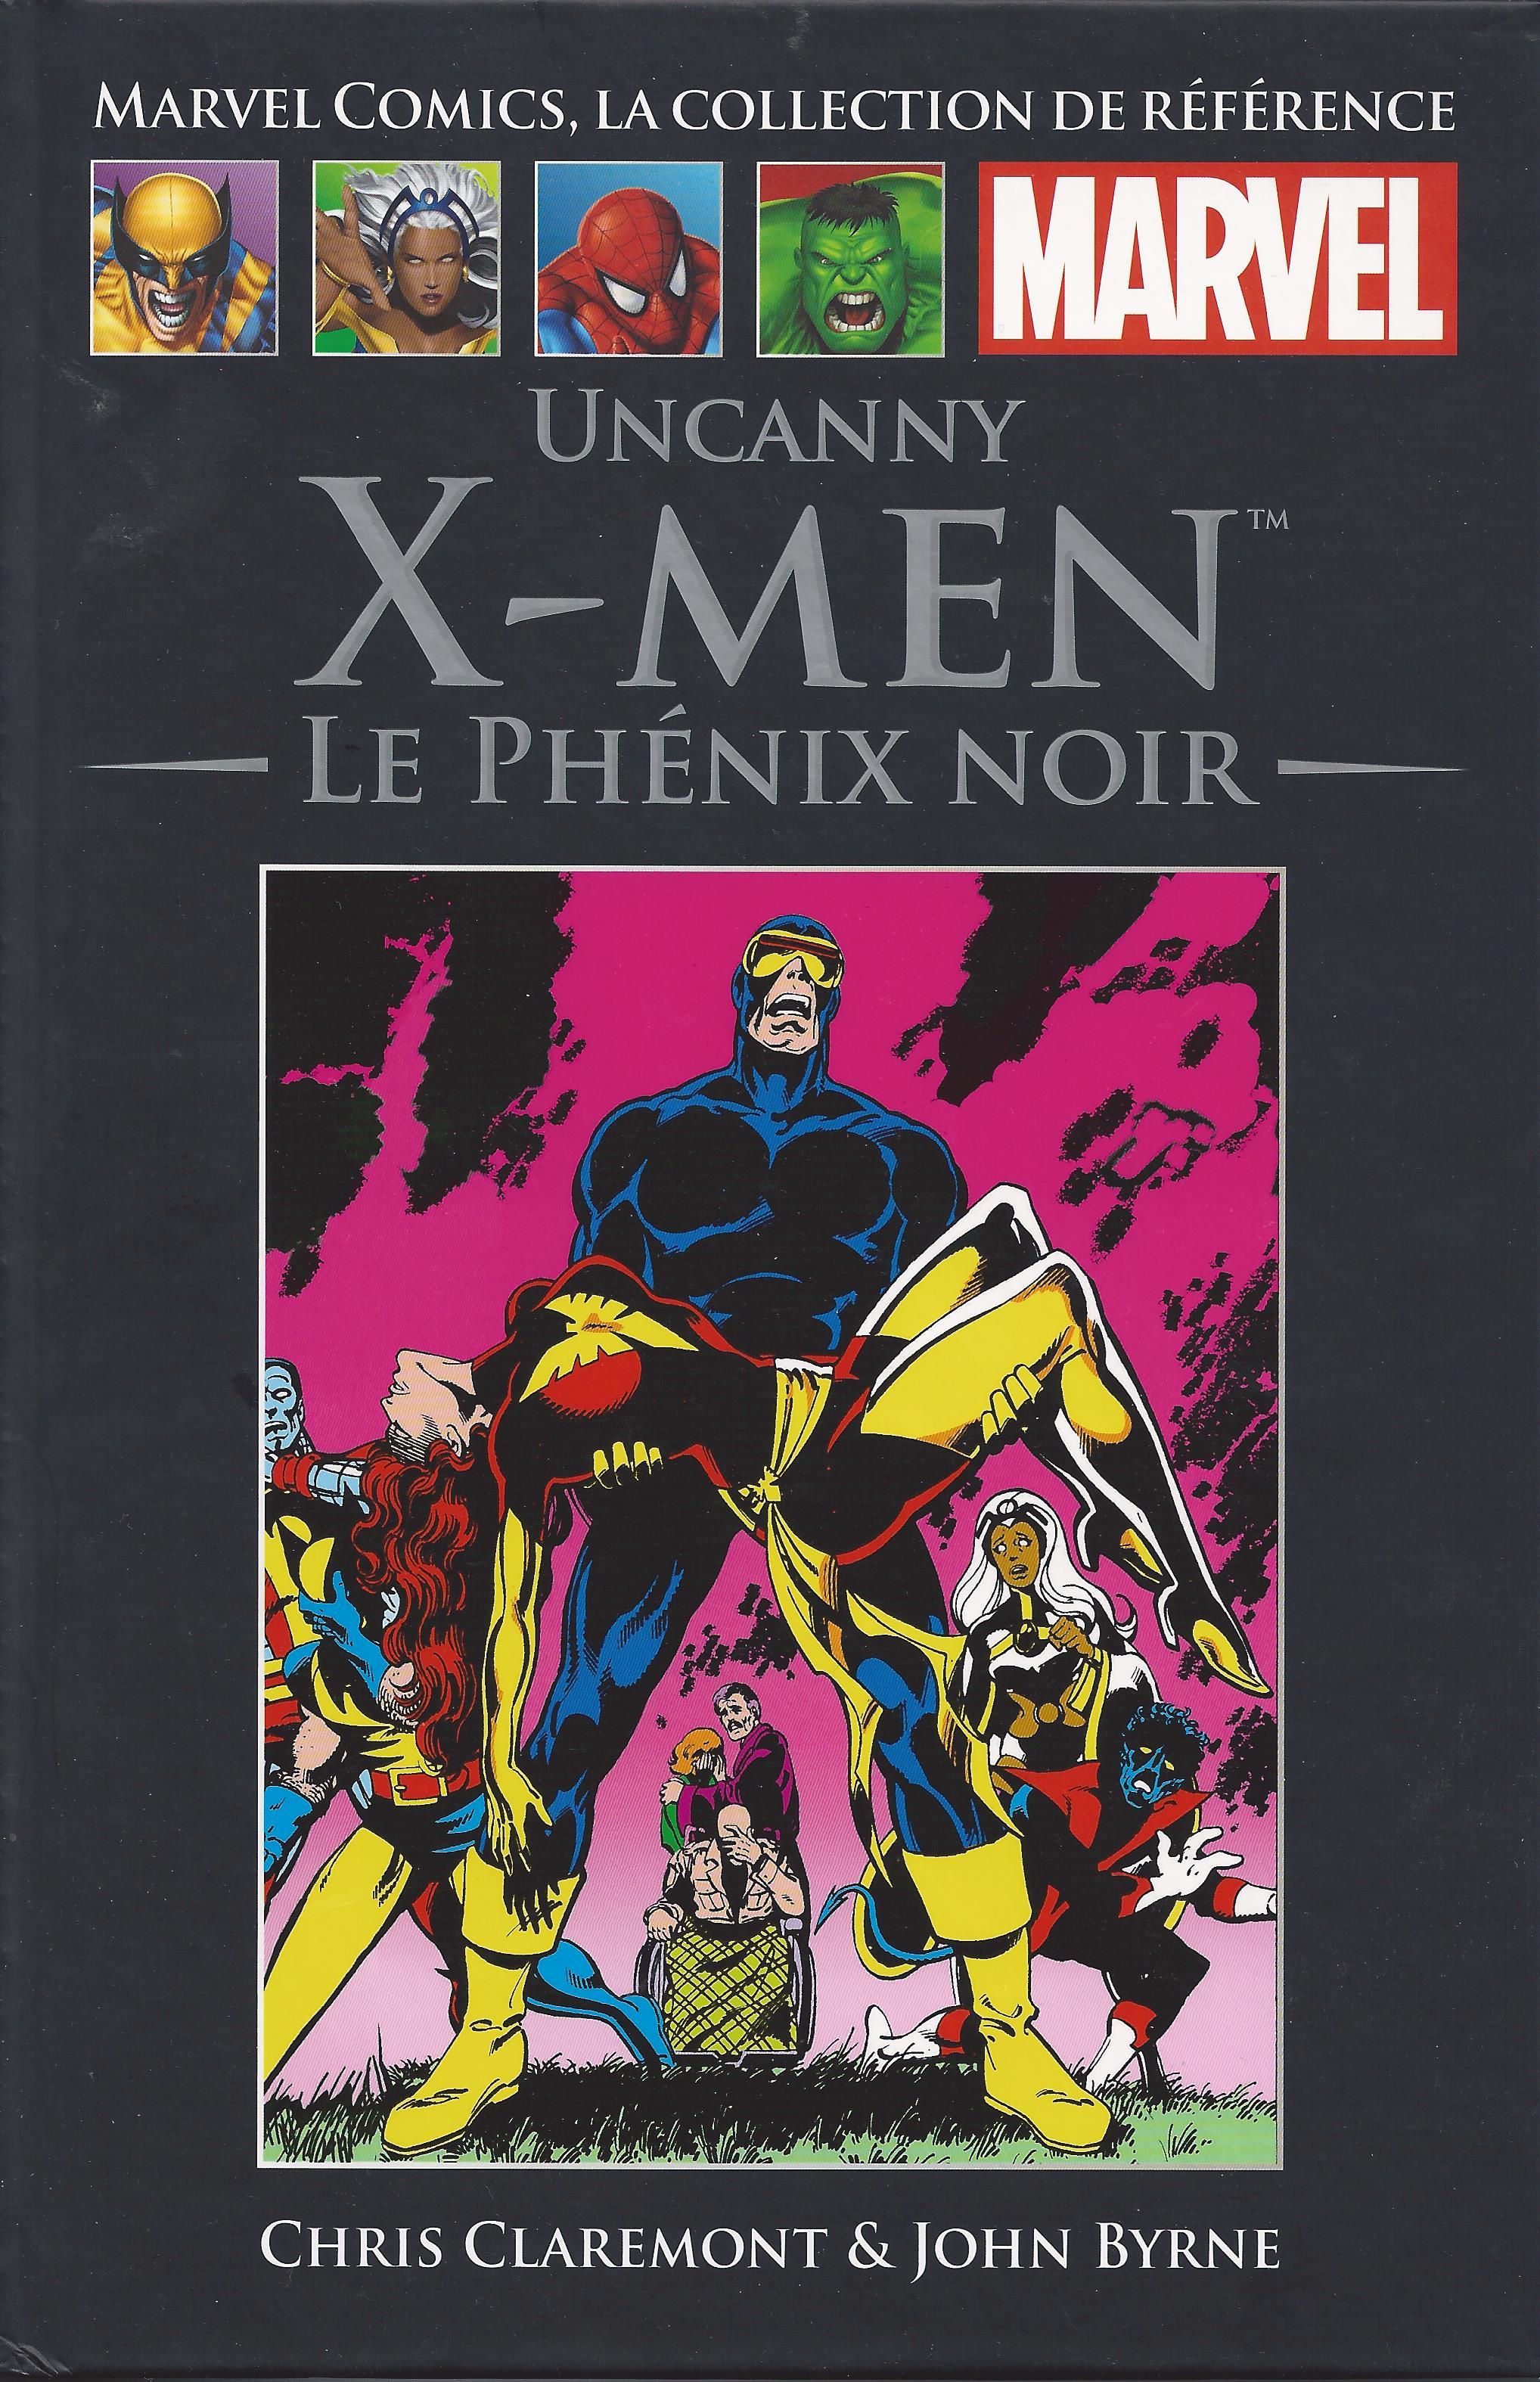 Marvel Comics, la Collection de Référence 3 - Uncanny X-Men - Le phénix noir